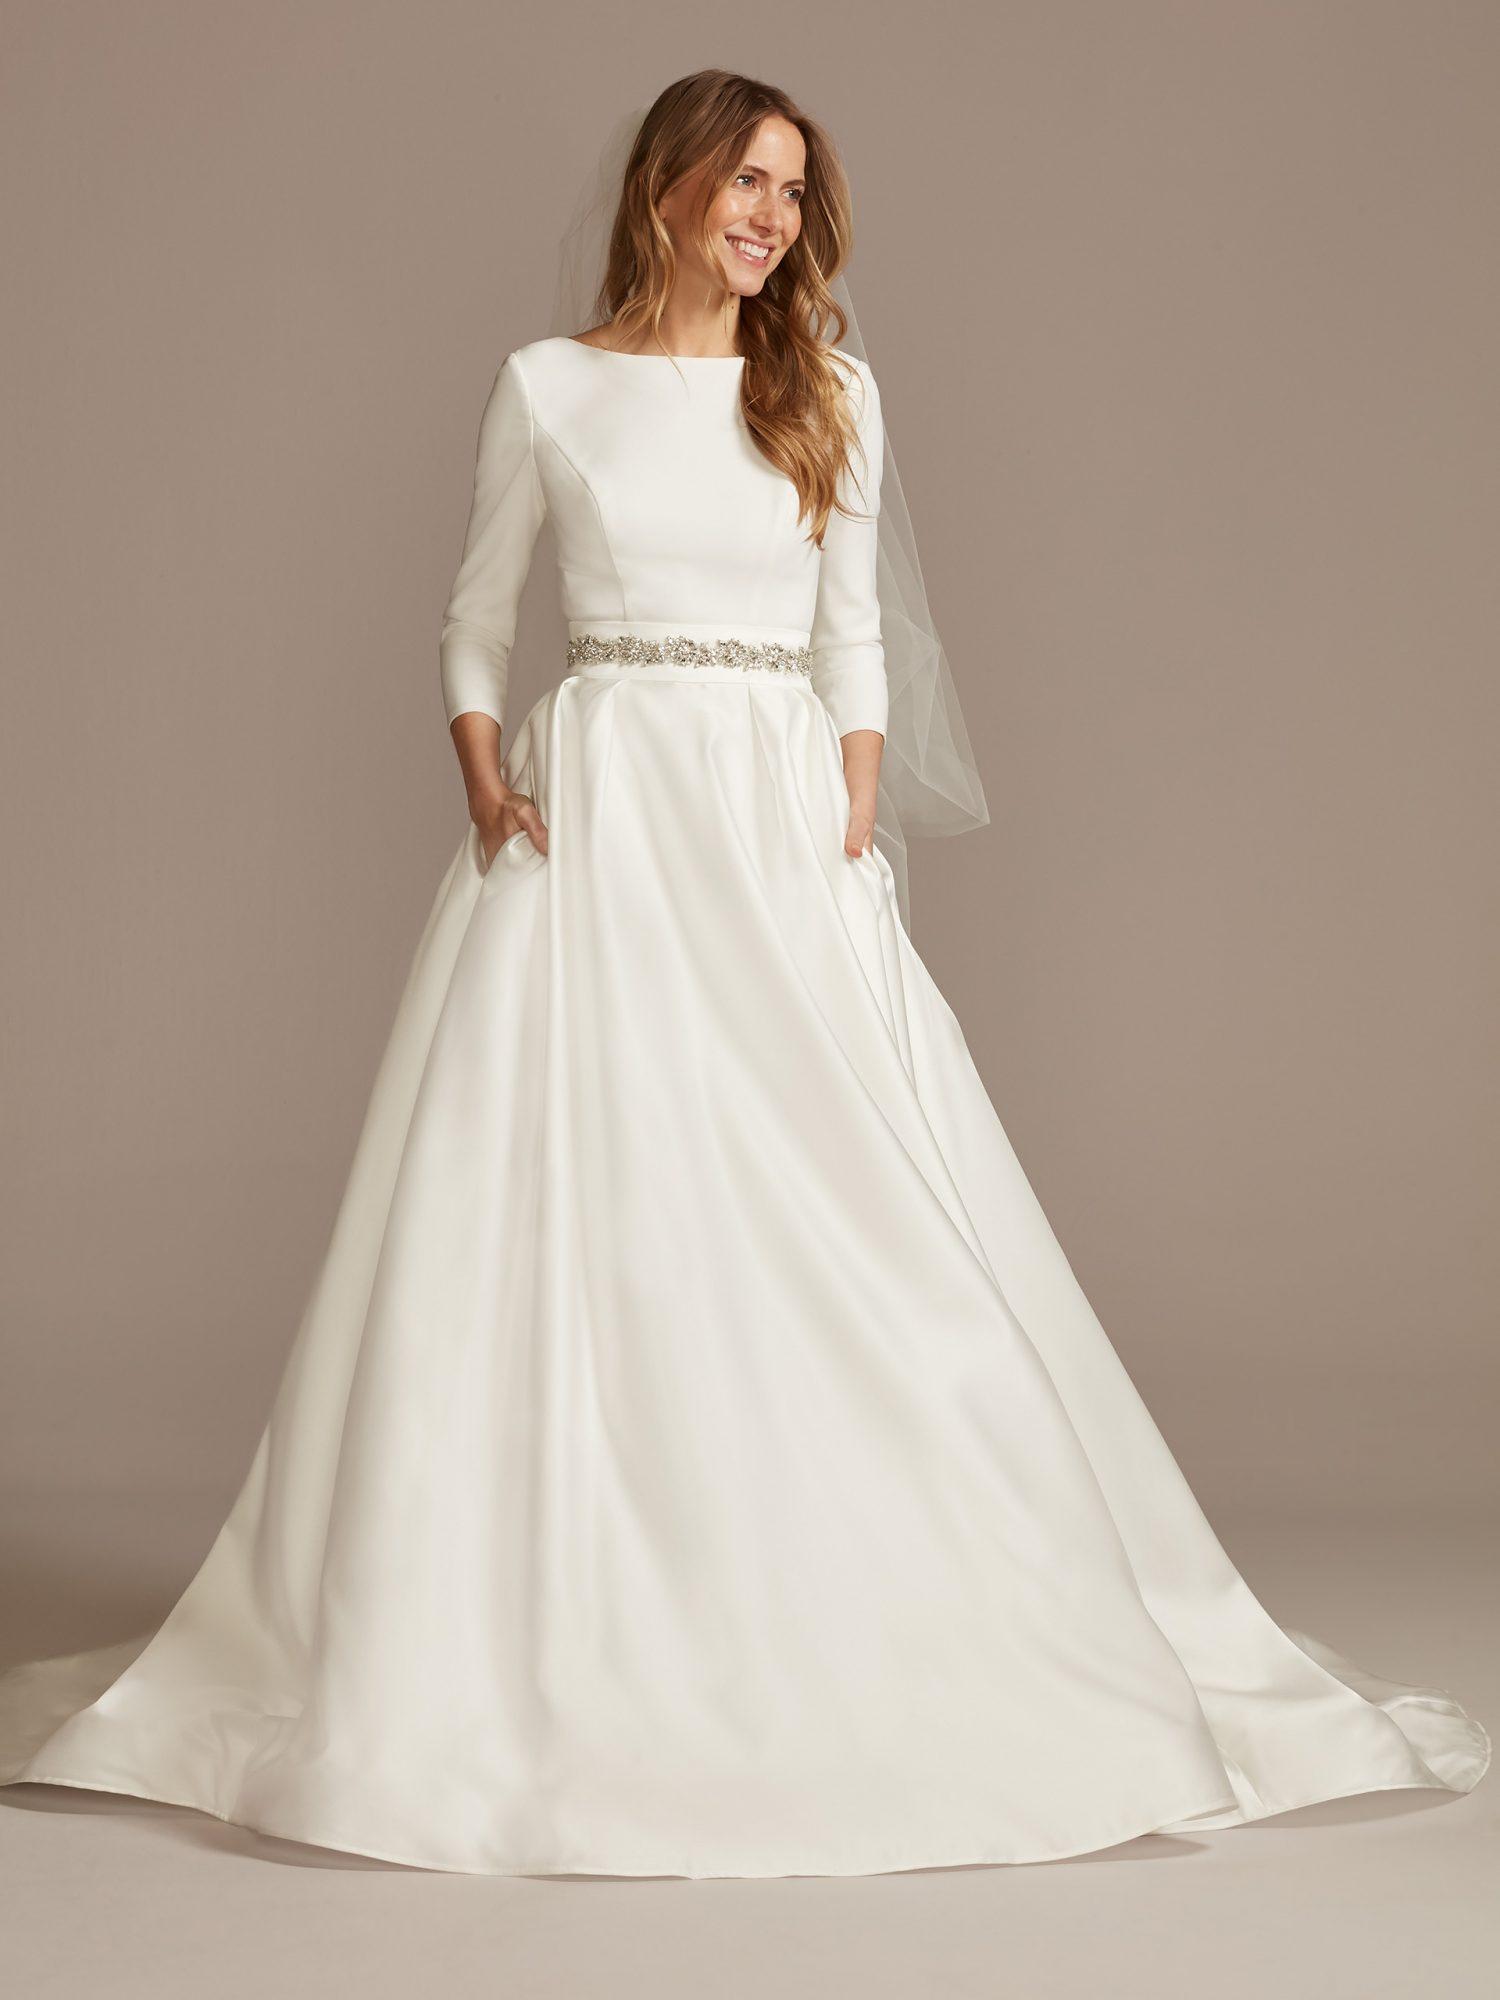 davids bridal high neck long sleeve belted wedding dress spring 2021